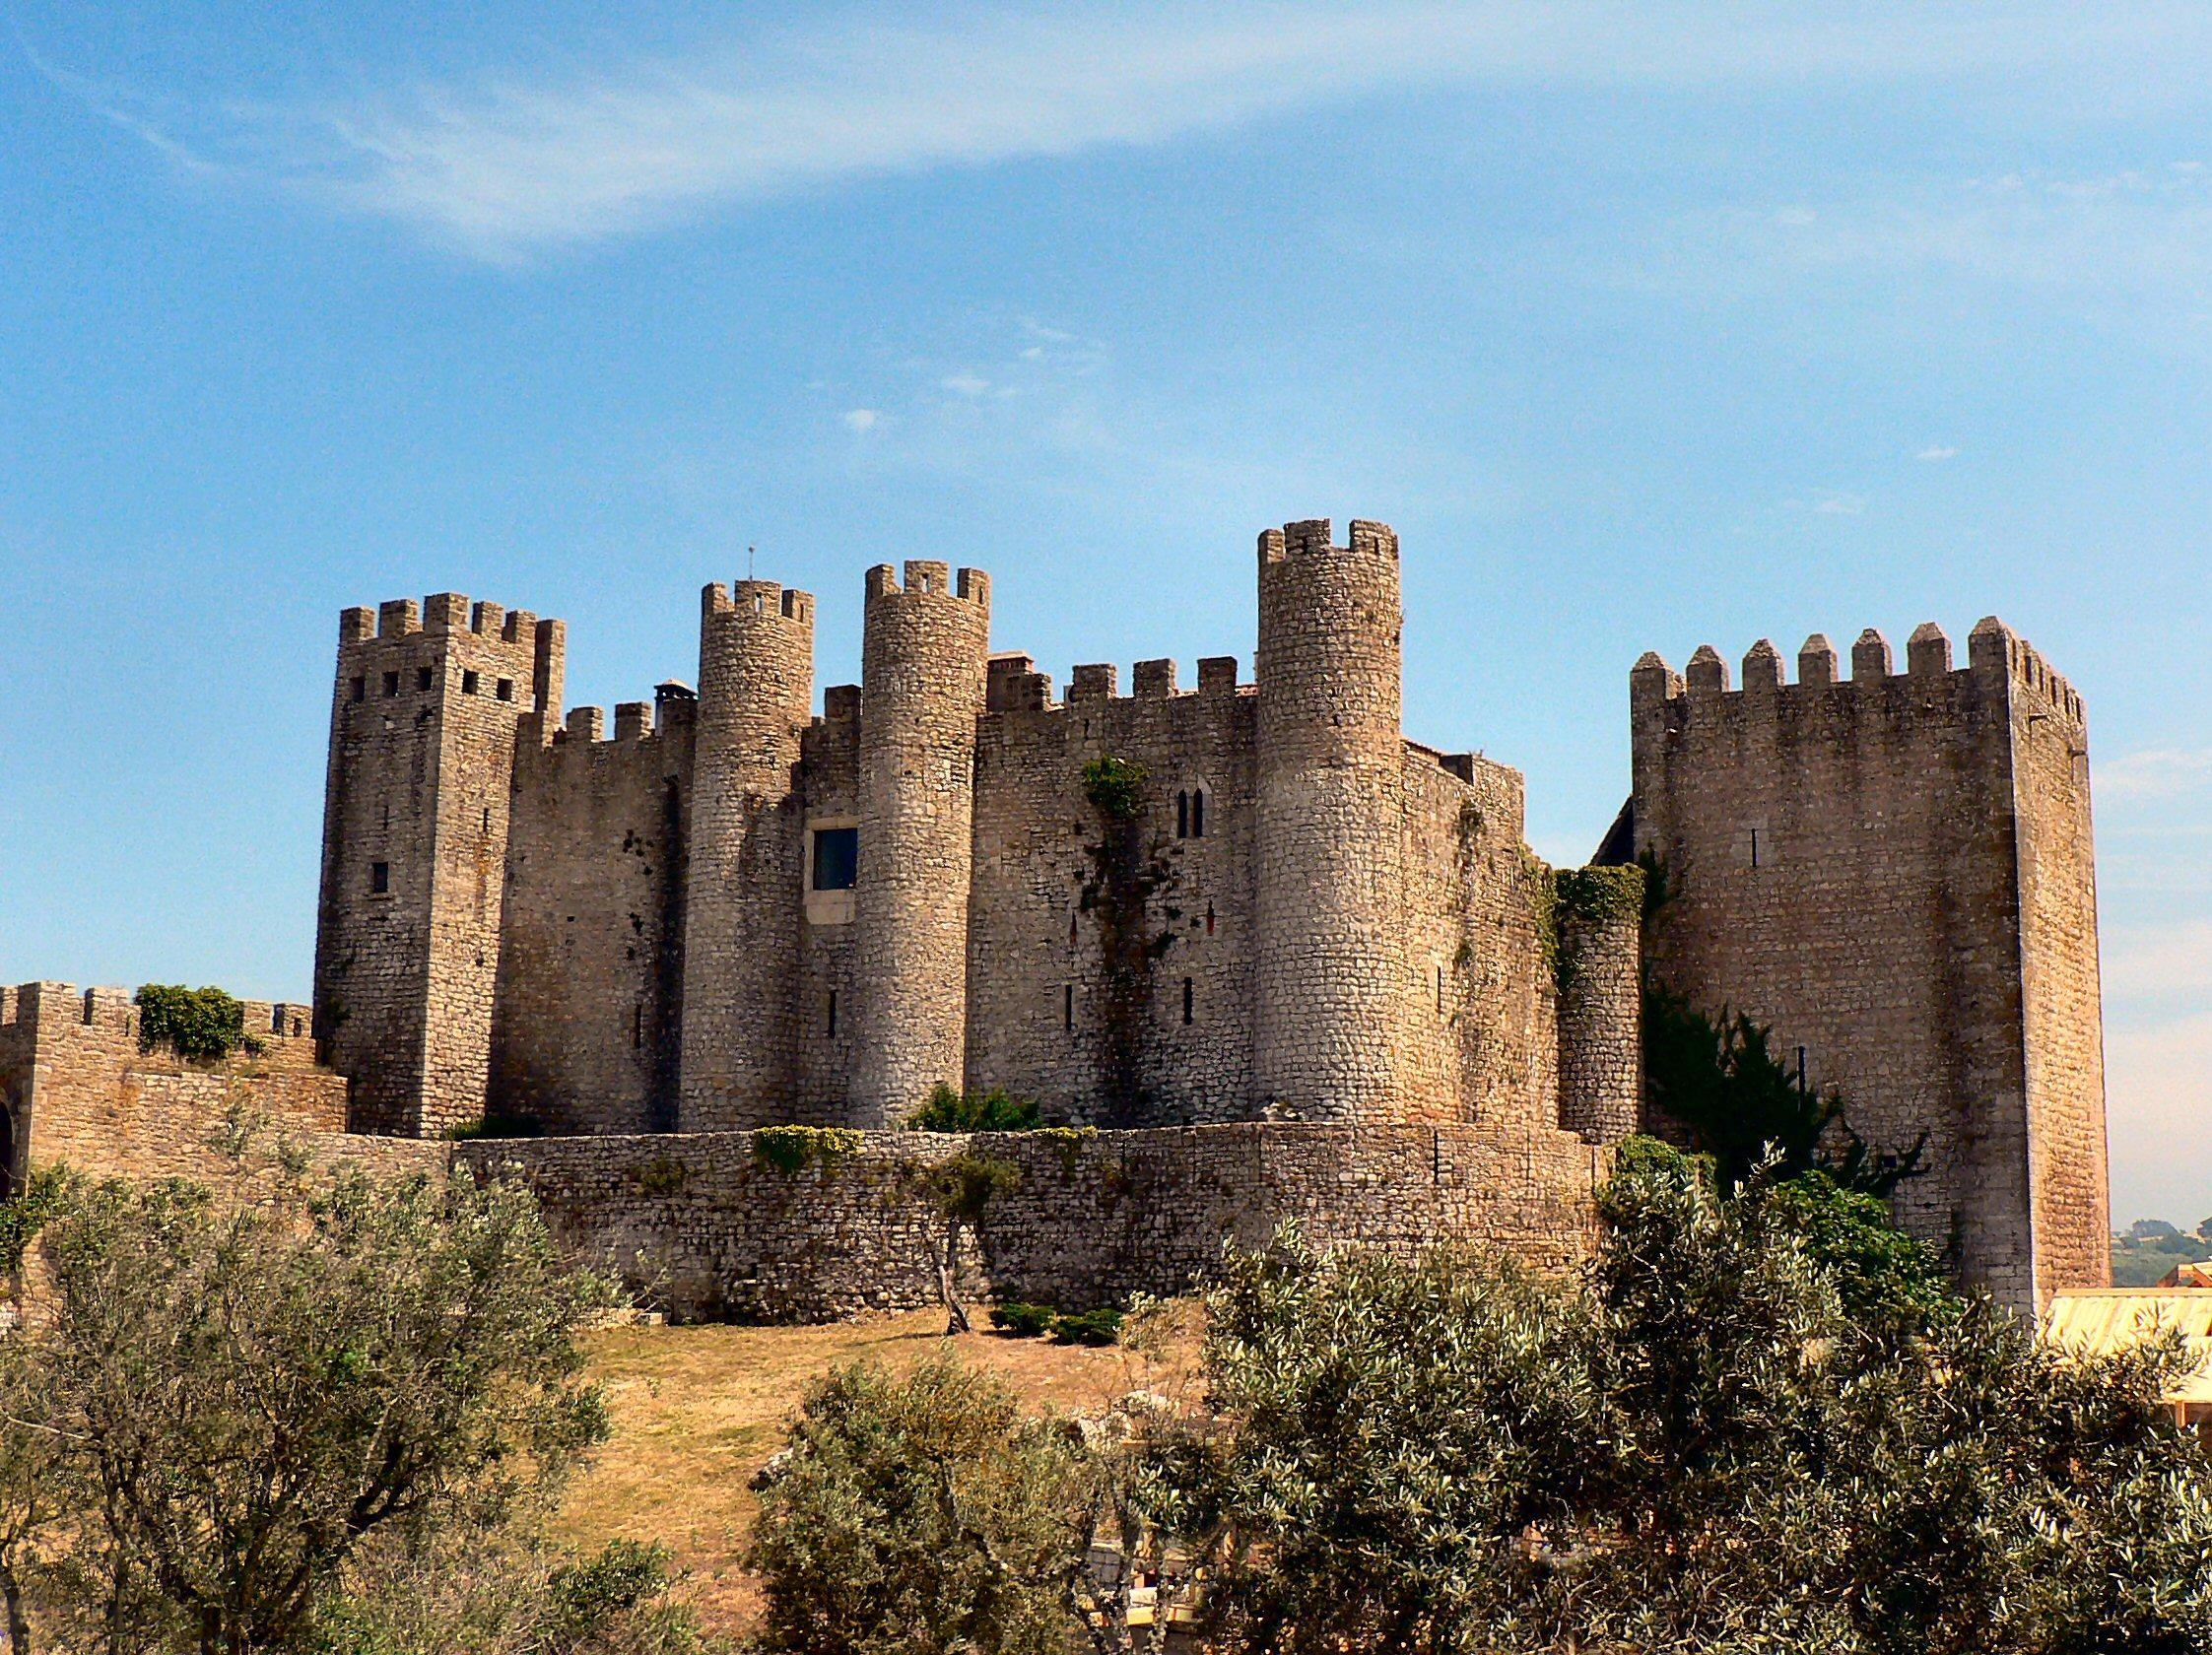 Obidos Portugal  city pictures gallery : Image:Castelo de Óbidos actual pousada